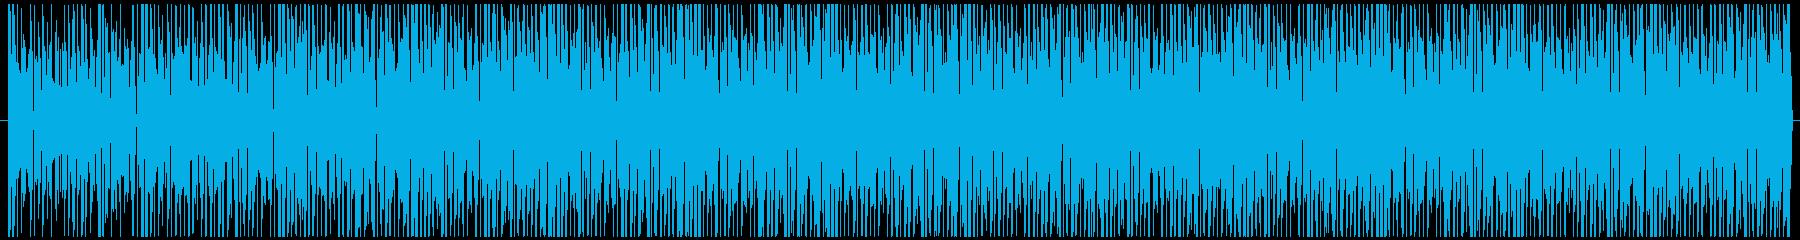 検証動画で流れてそうなBGMの再生済みの波形